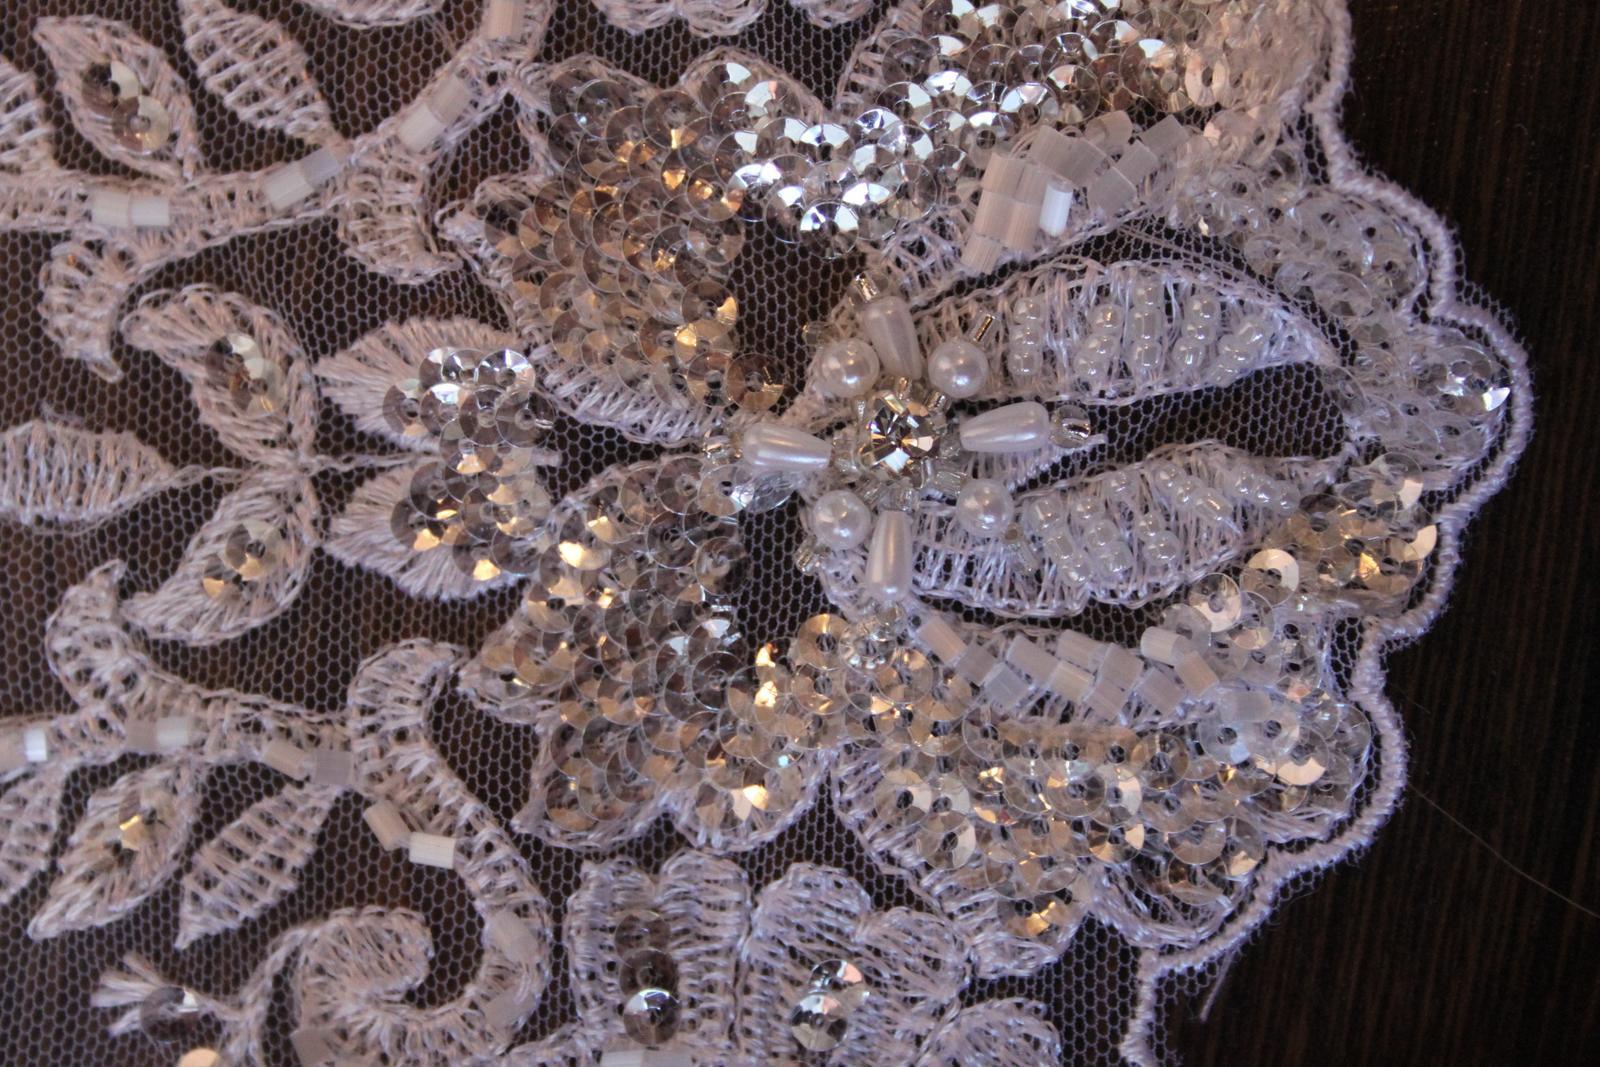 3 D Látky, aplikácie na svadobné šaty prípadne na iné dozdobenie - Obrázok č. 34